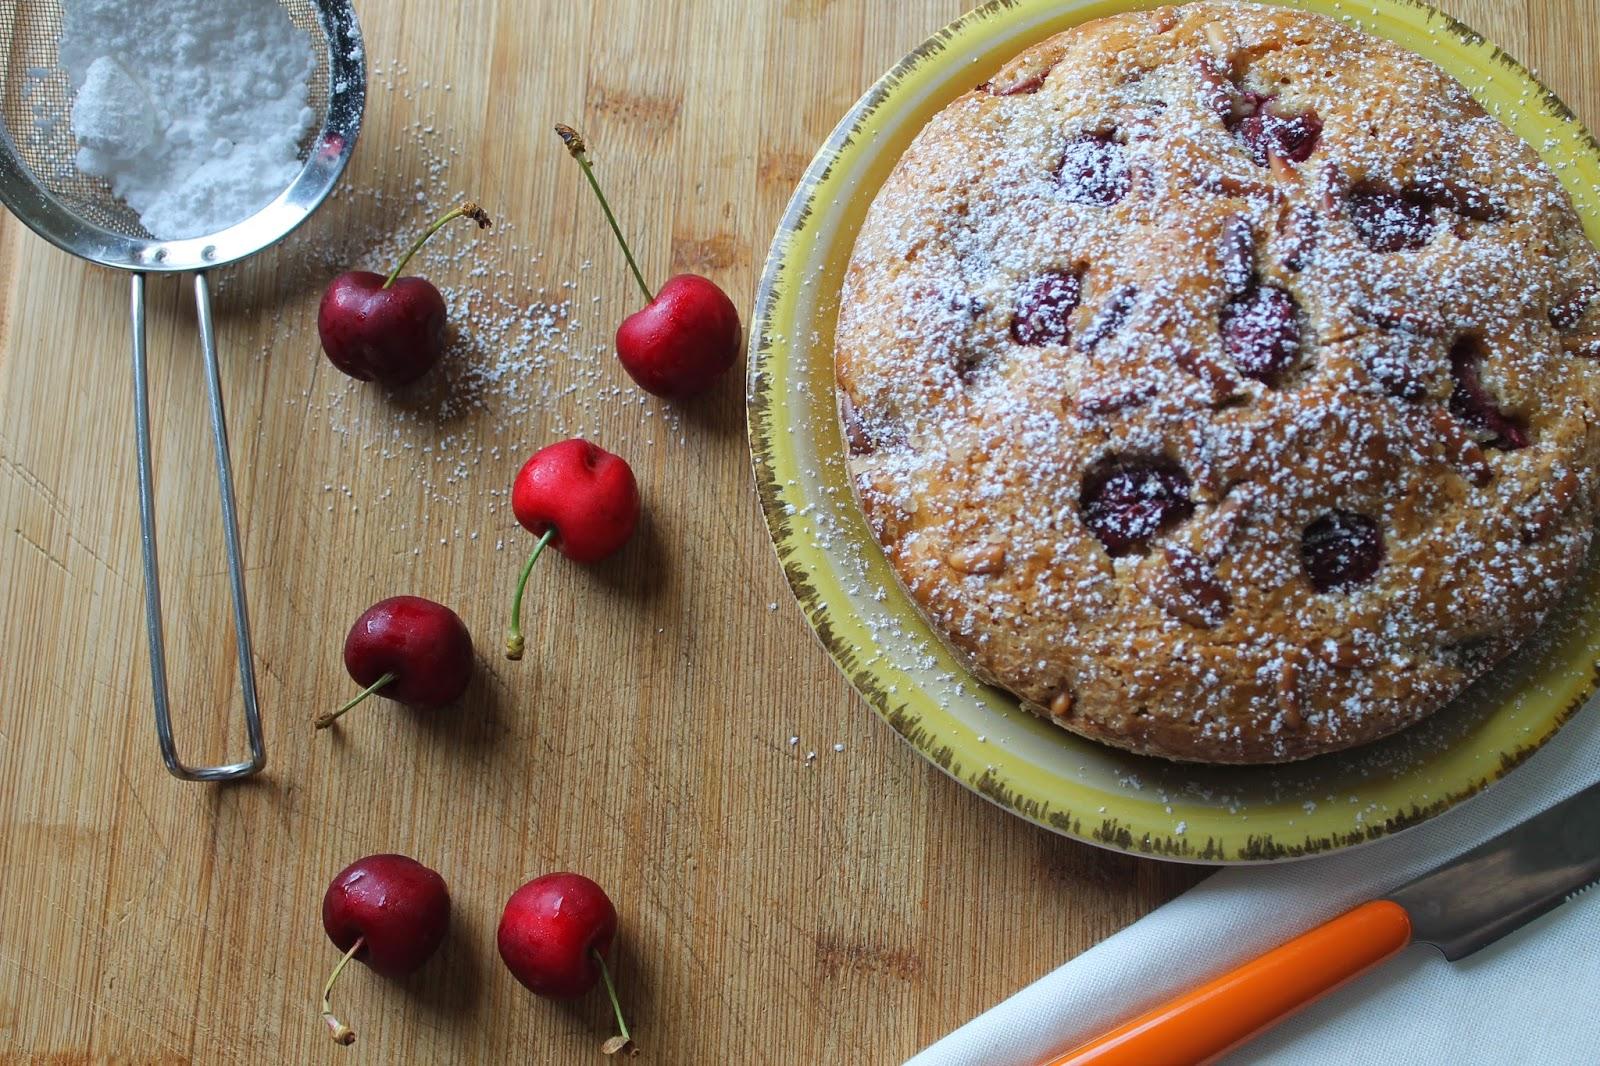 torta di ciliege e pinoli - senza uova e burro